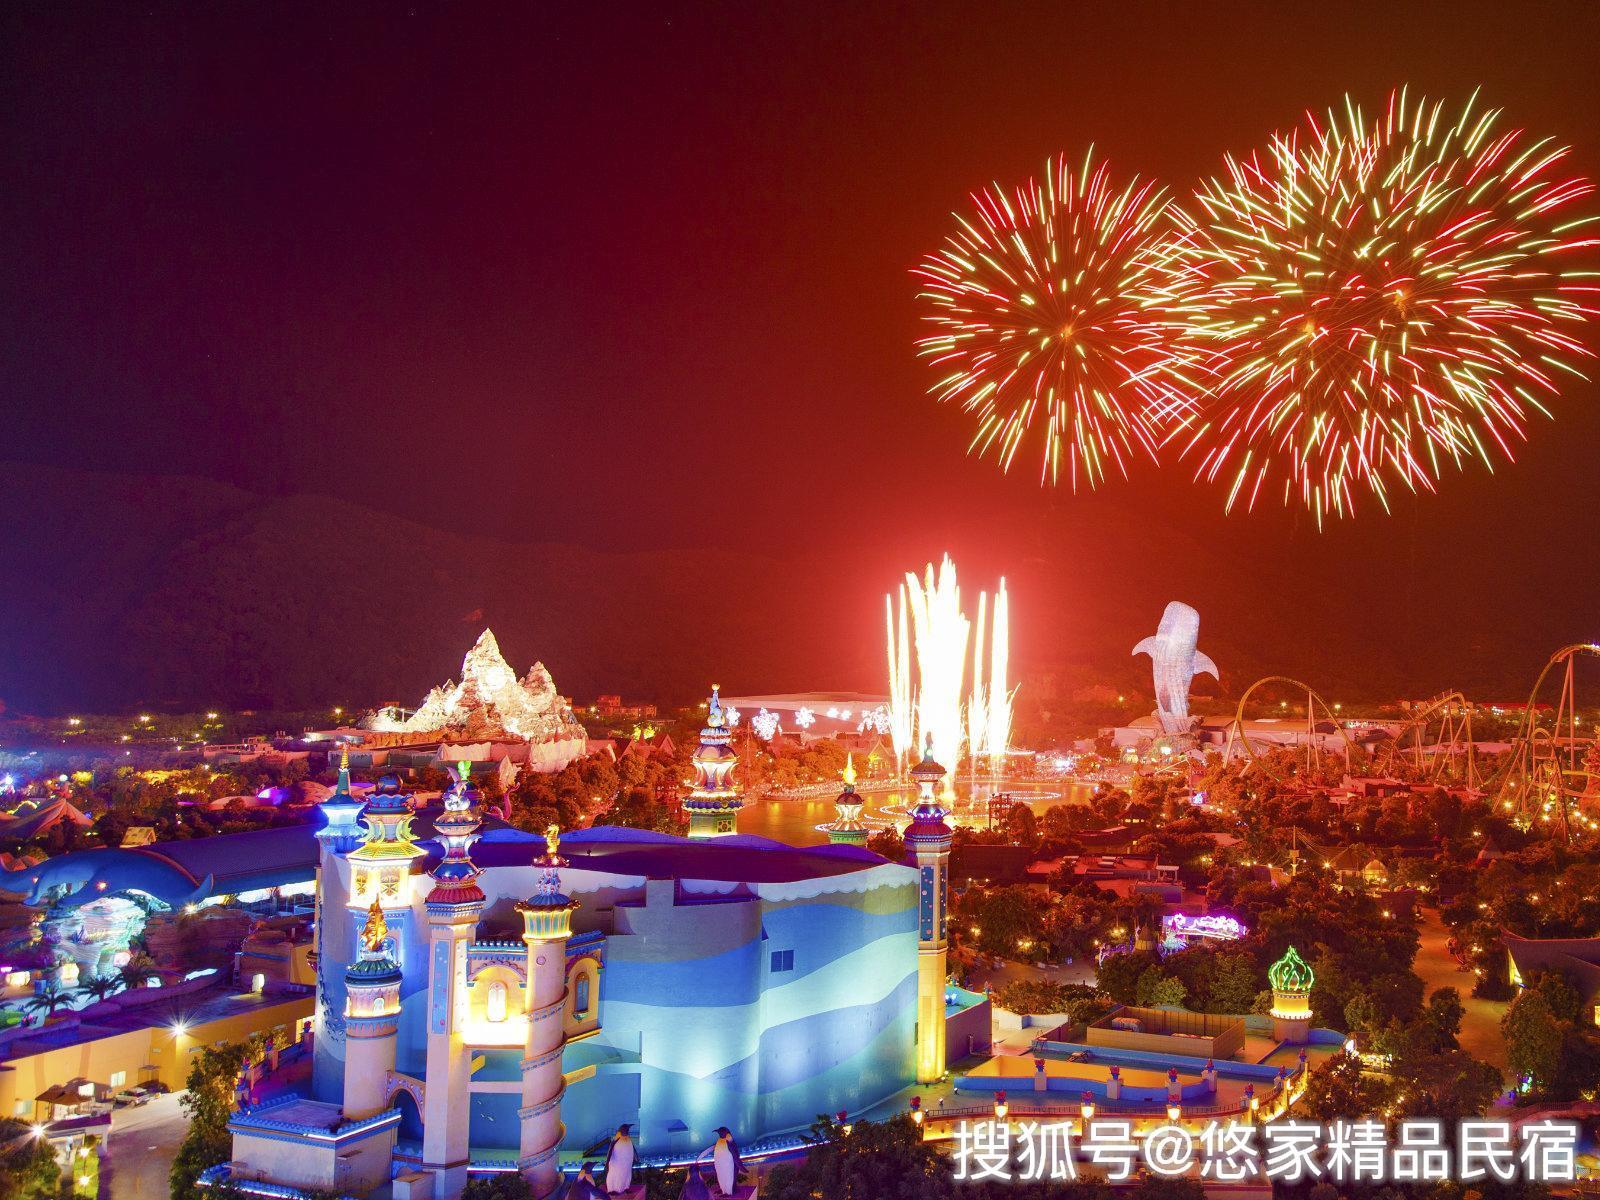 <b>民宿打卡清单:嗨玩广州长隆,这间人均90的民宿必打卡!</b>